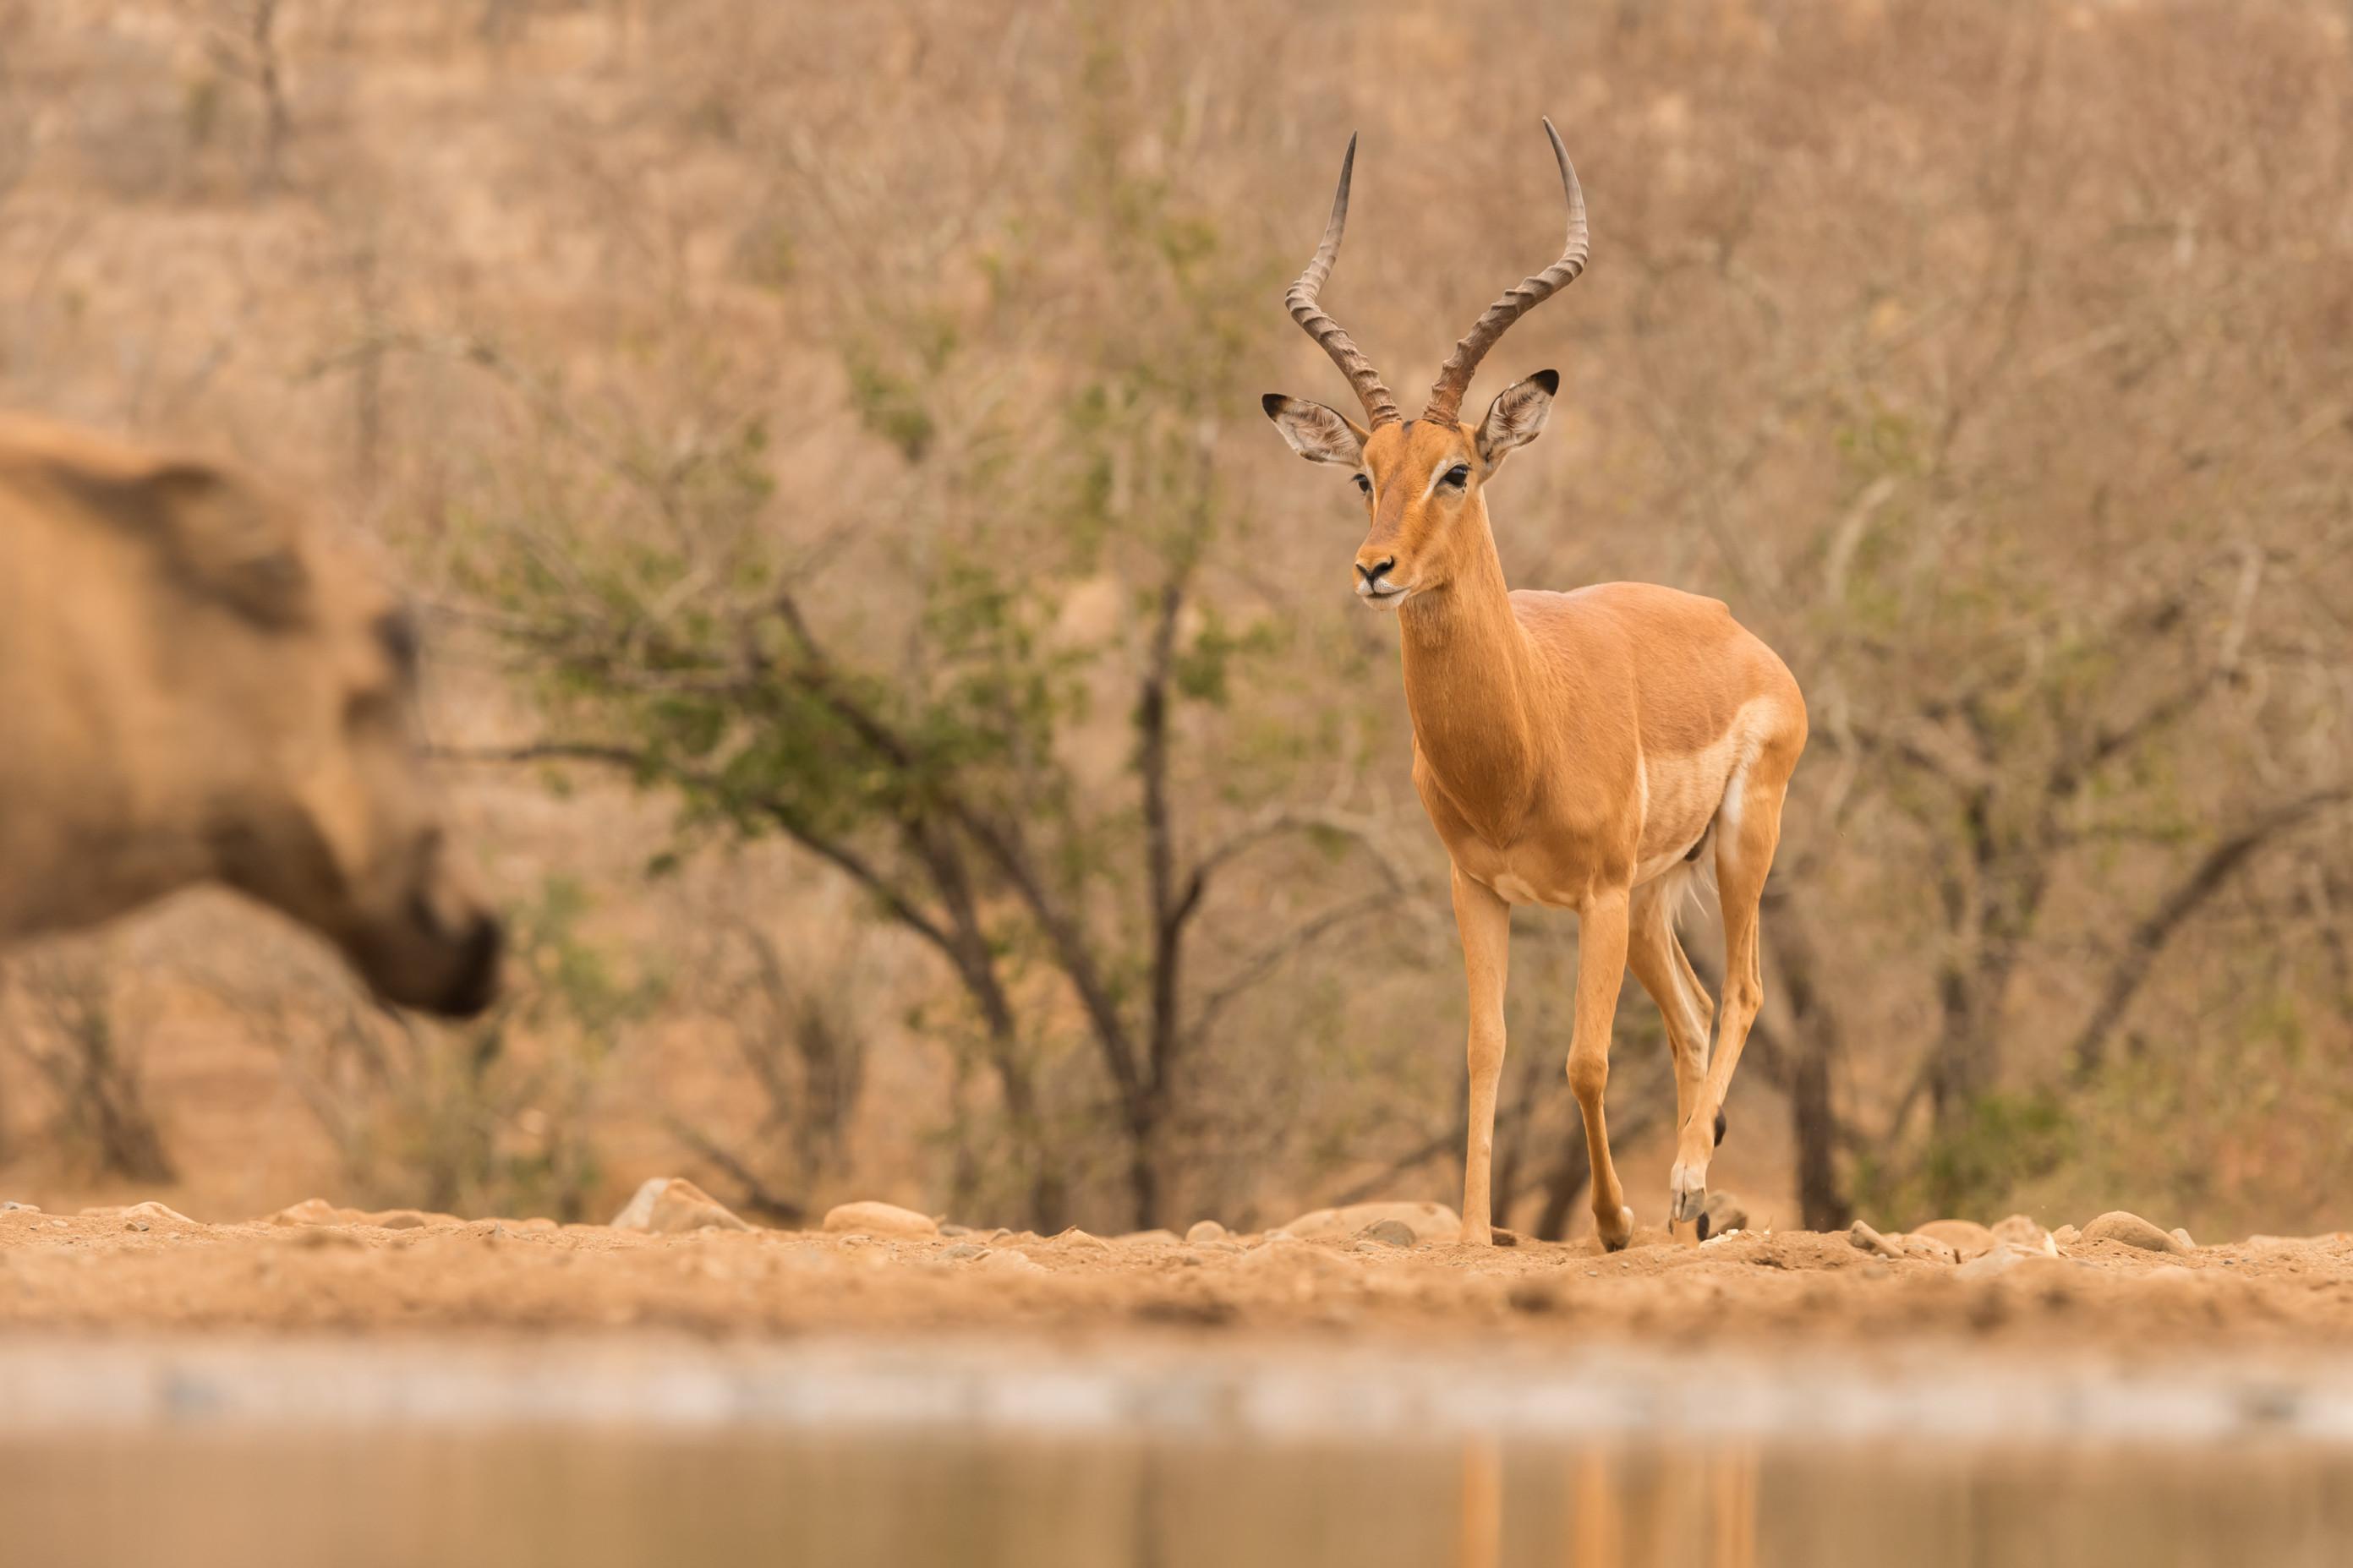 wildlife zimanga 3062